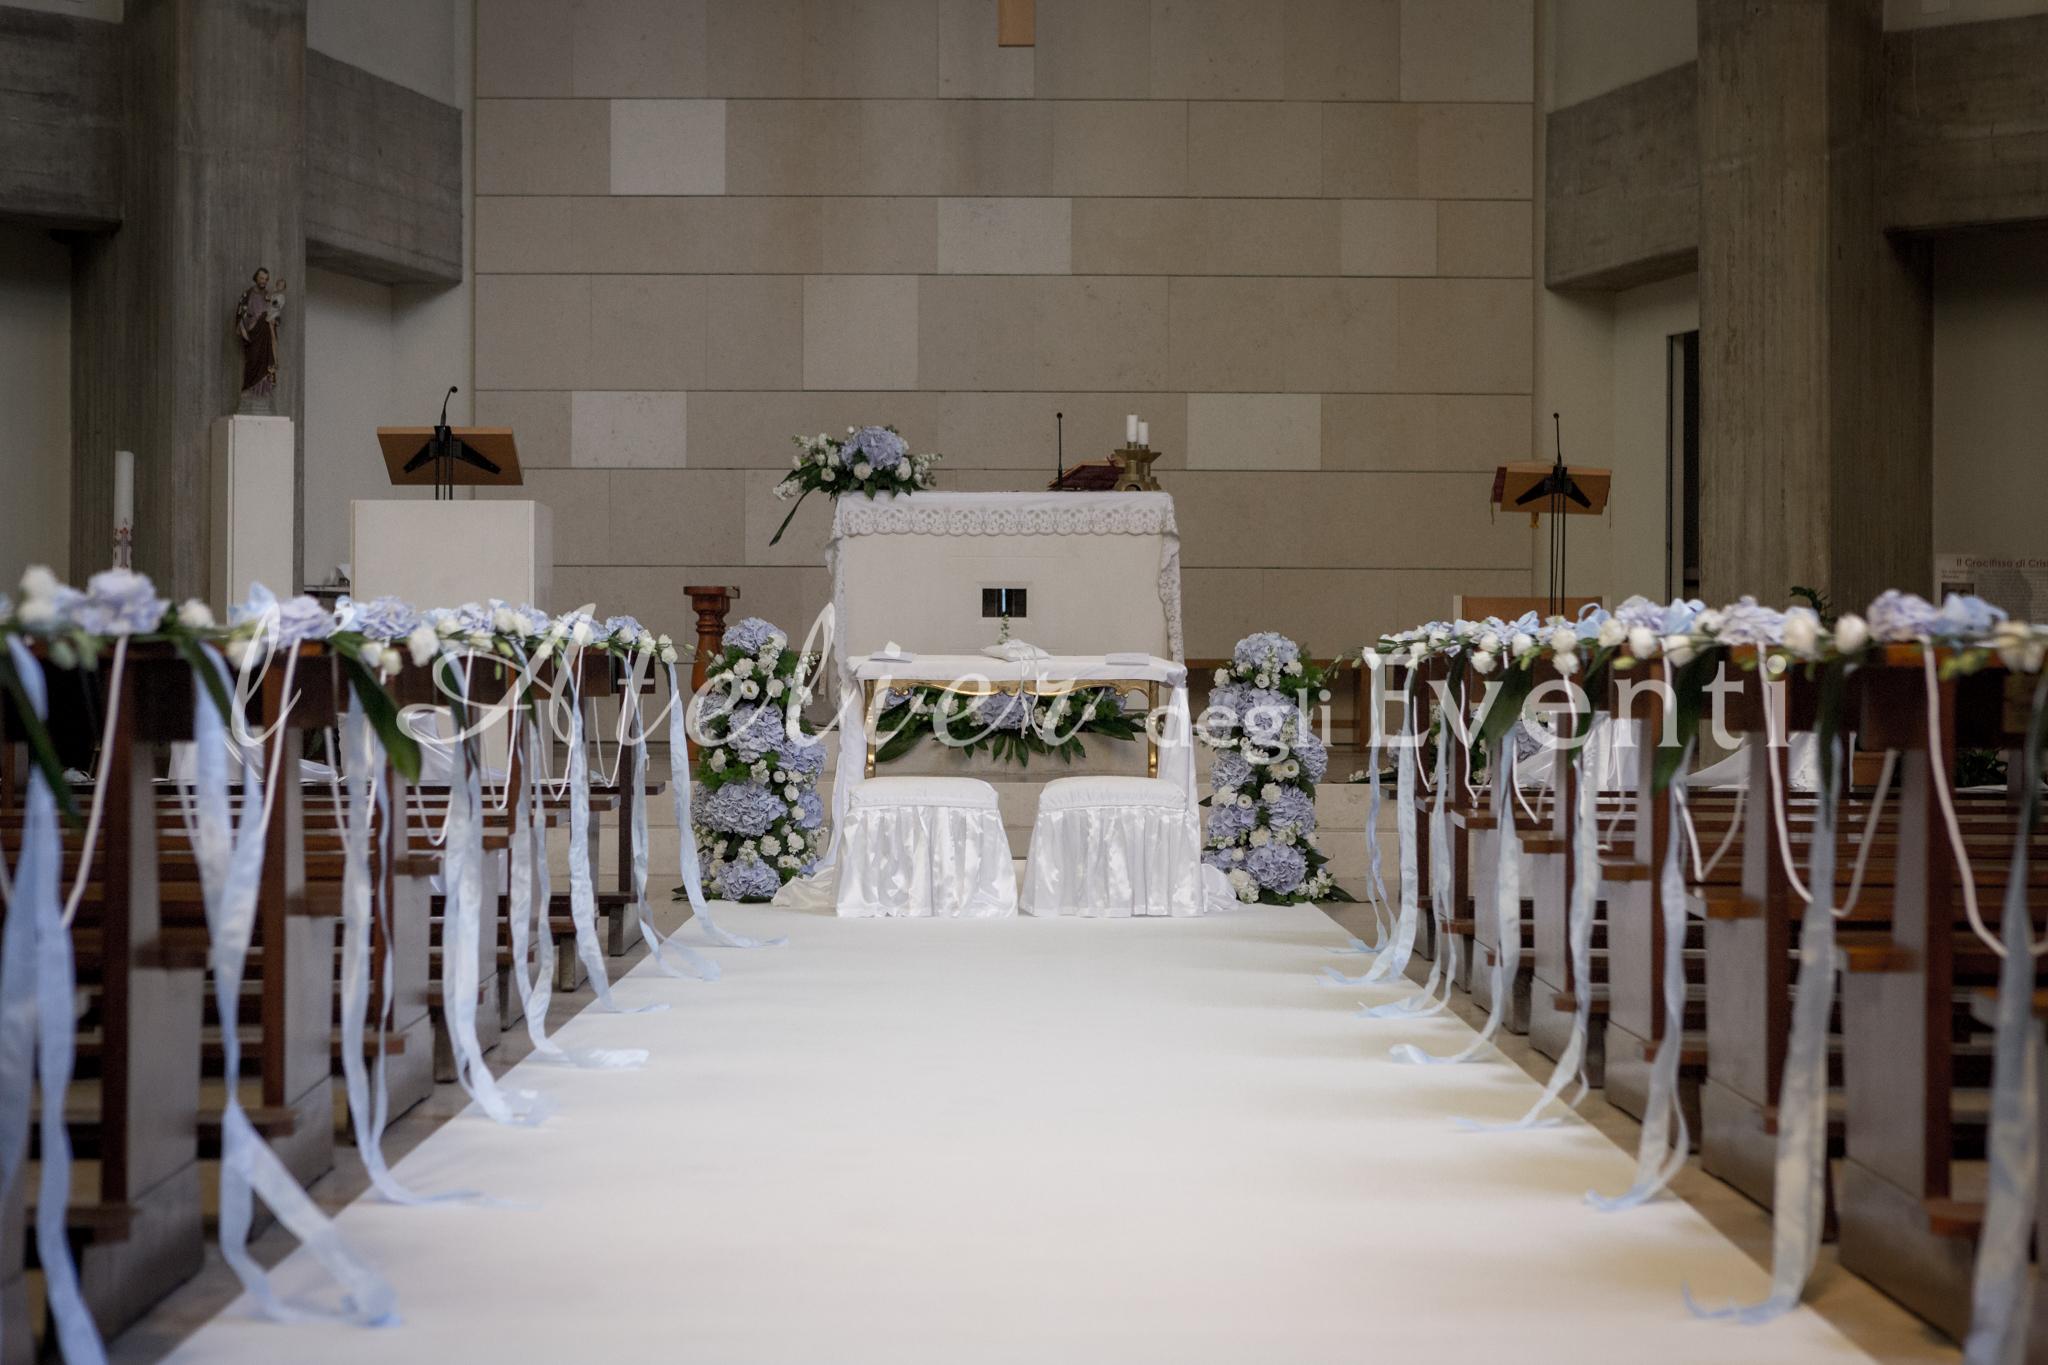 matrimonio-andrea-ilaria-pegli-28-maggio-2016-1